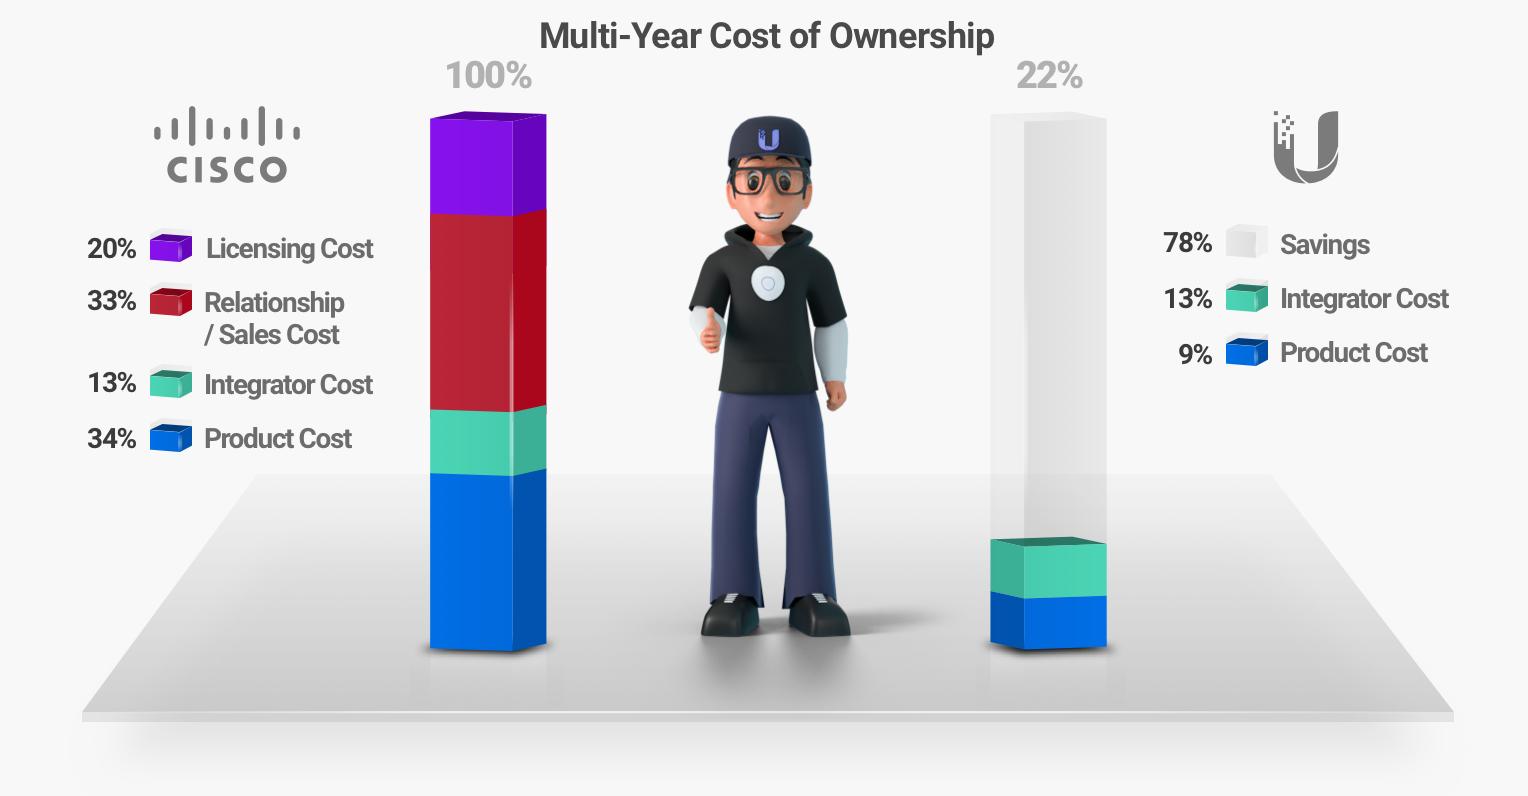 Многолетняя стоимость владения